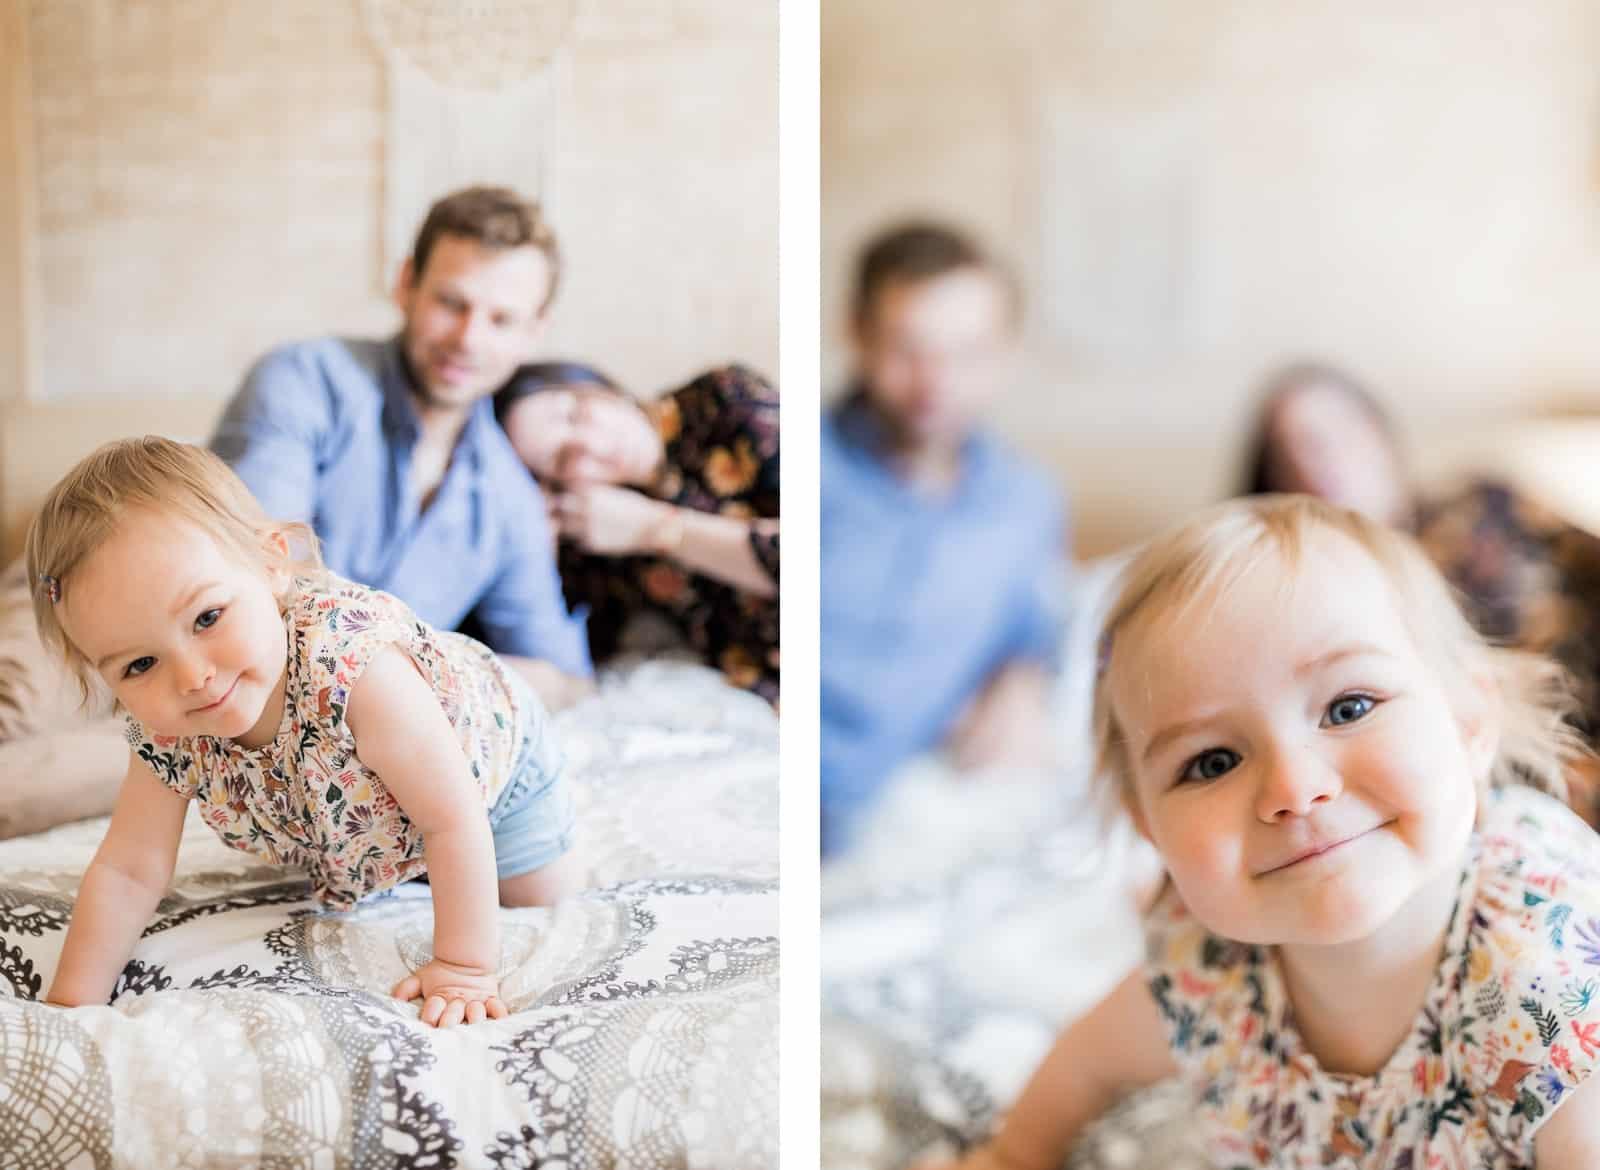 Photographie de Mathieu Dété, photographe de famille dans le département 974, présentant une petite fille sur le lit de ses parents à Saint Denis